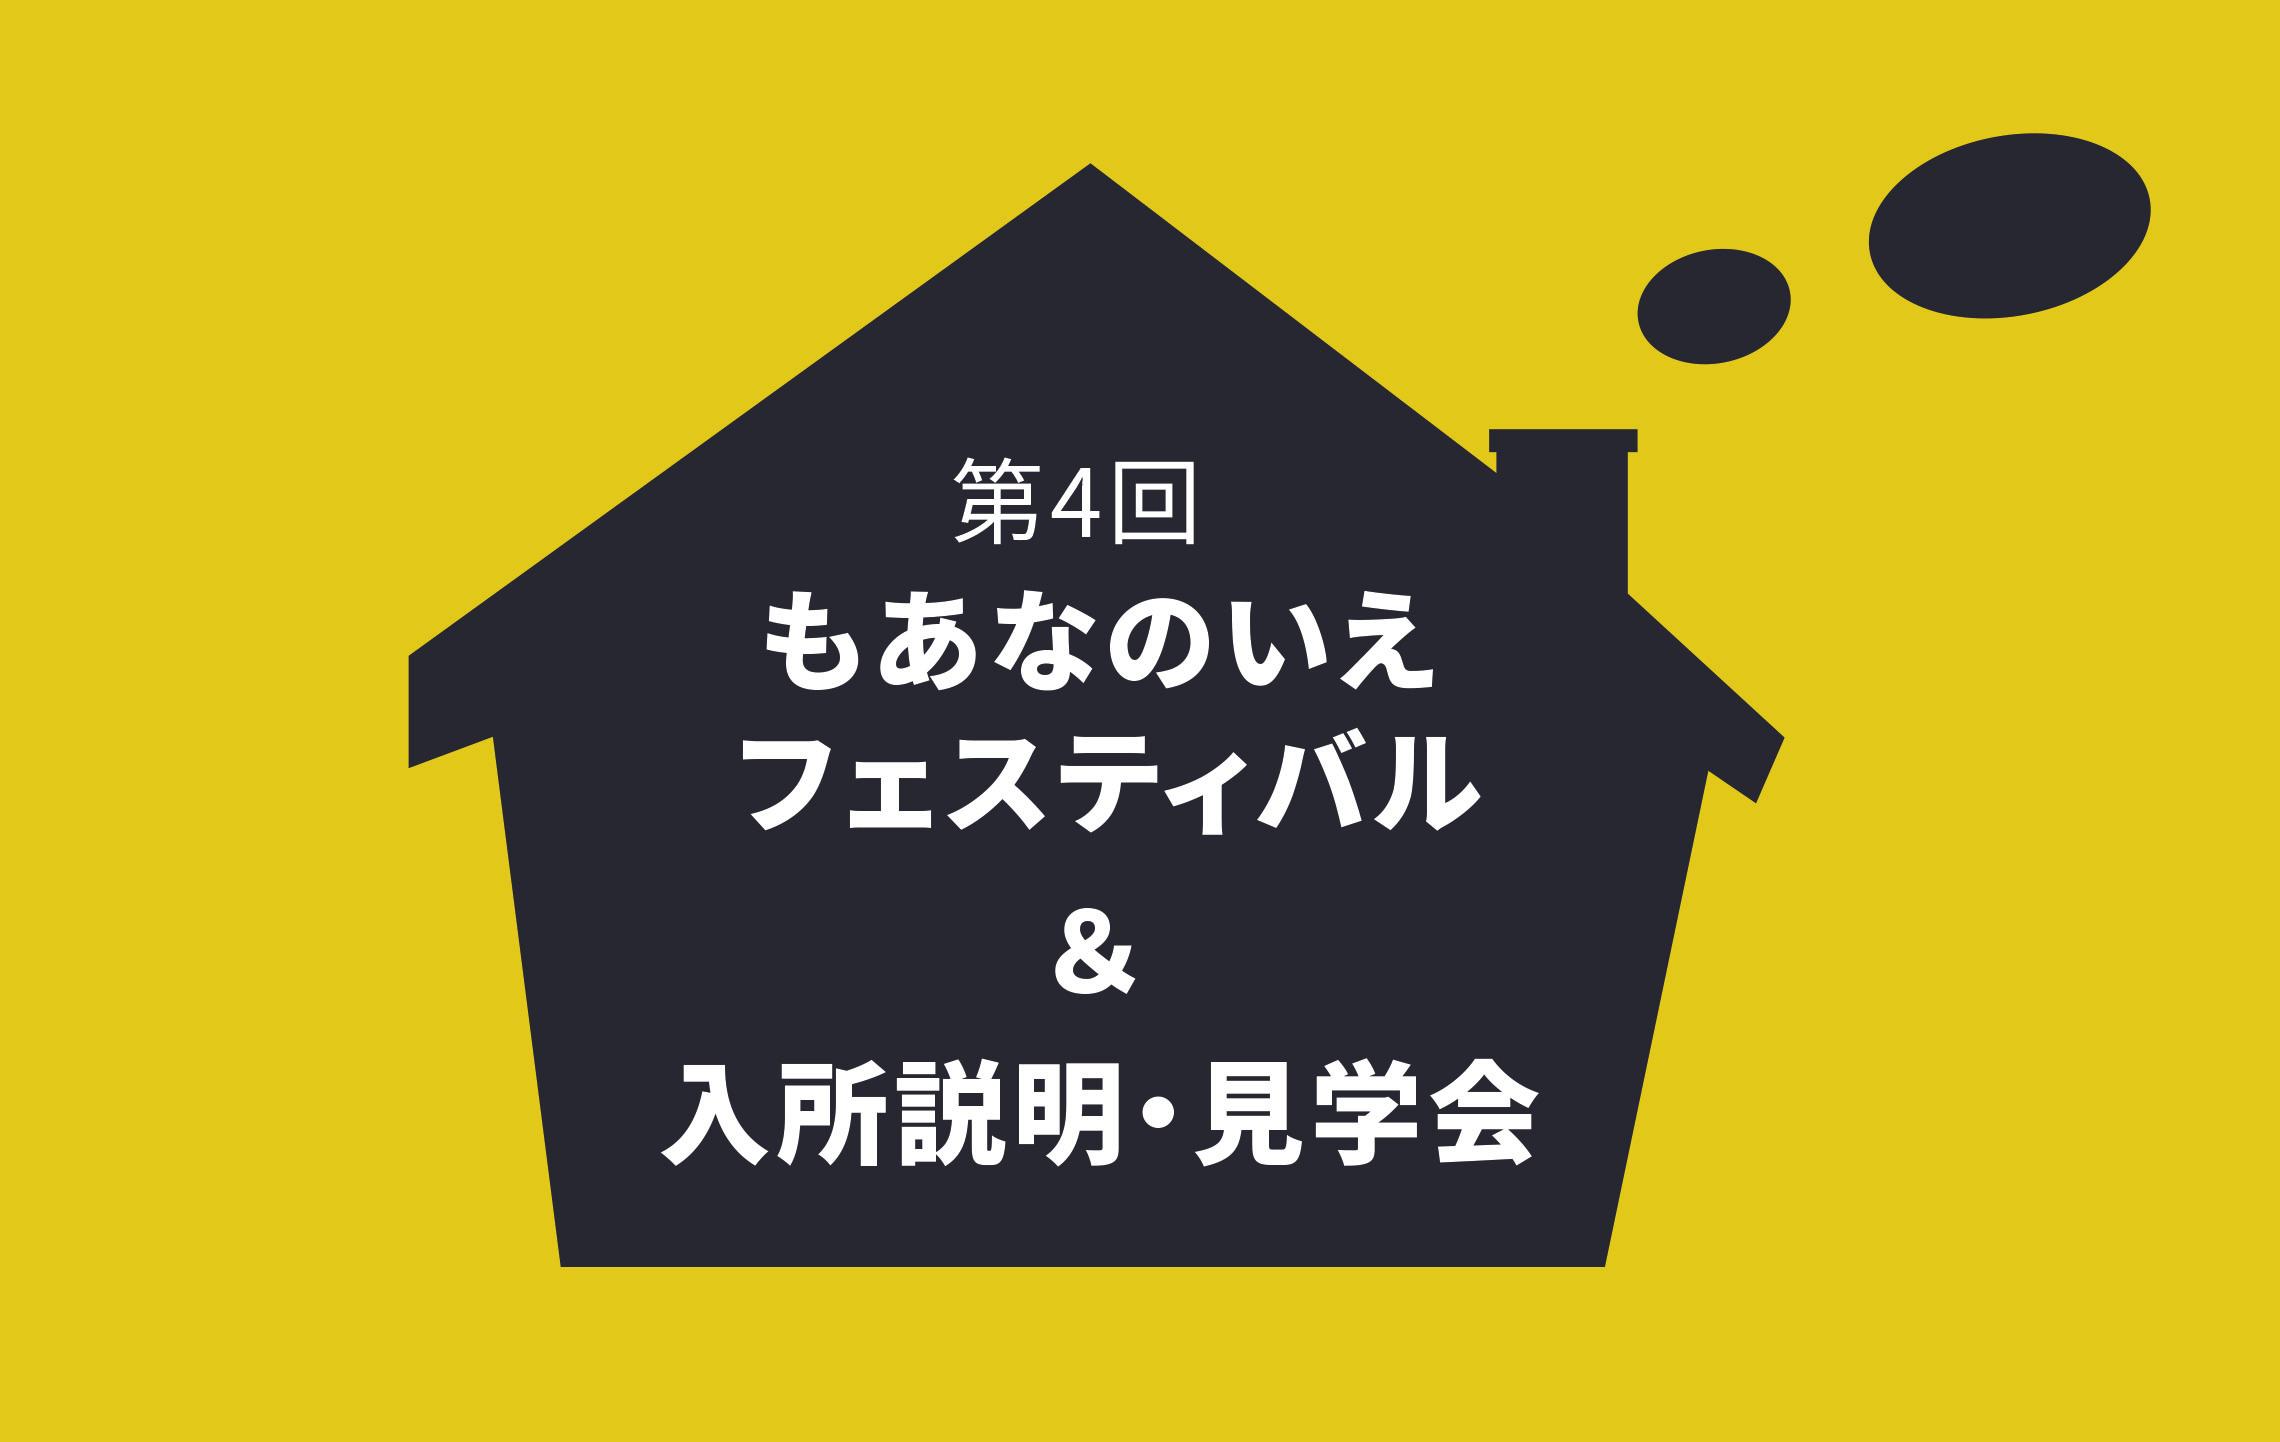 8/21(月)ちいさな映画祭開催 上映作品「0円キッチン」